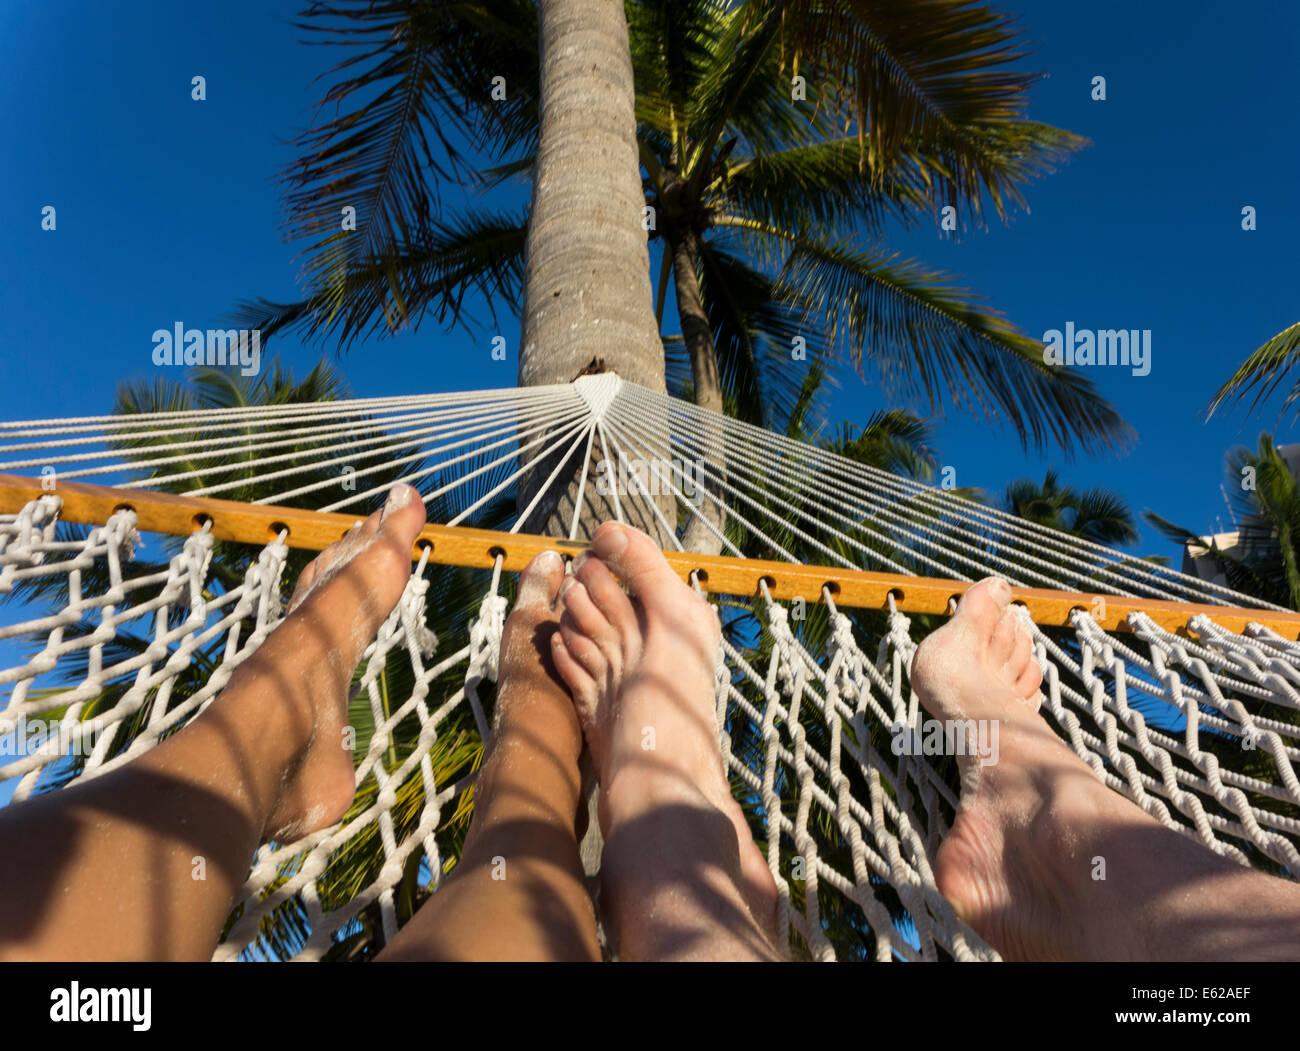 Füße des Paares in der Hängematte unter Palmen Stockbild